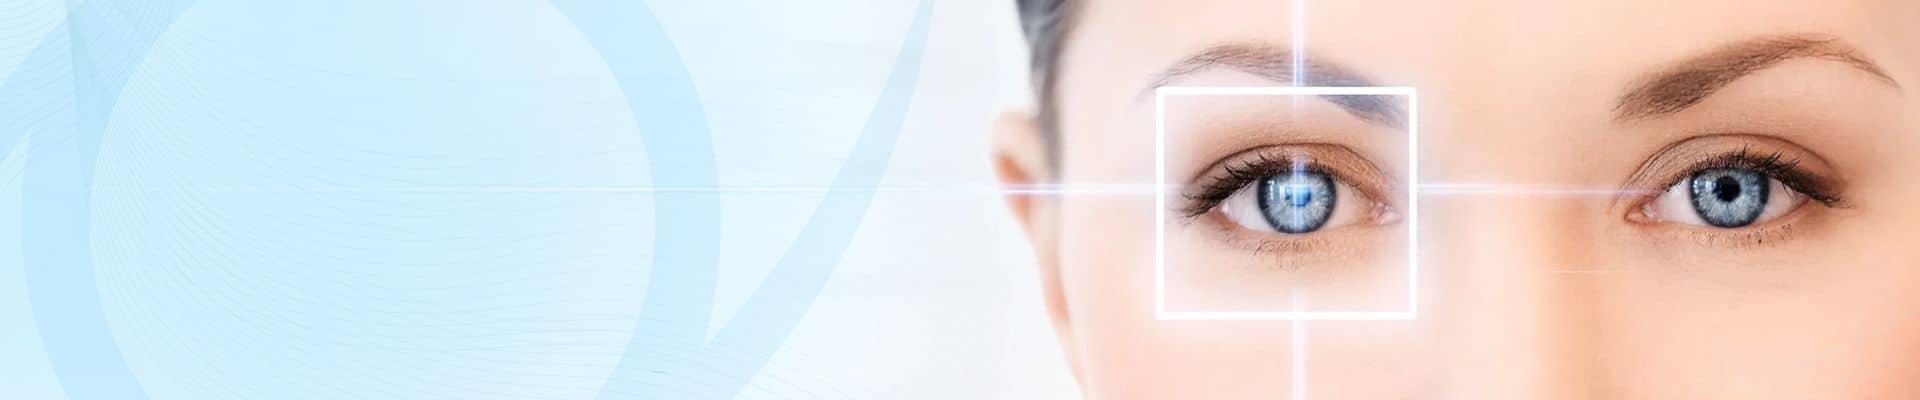 hogyan kell kezelni a látást 12 évesen